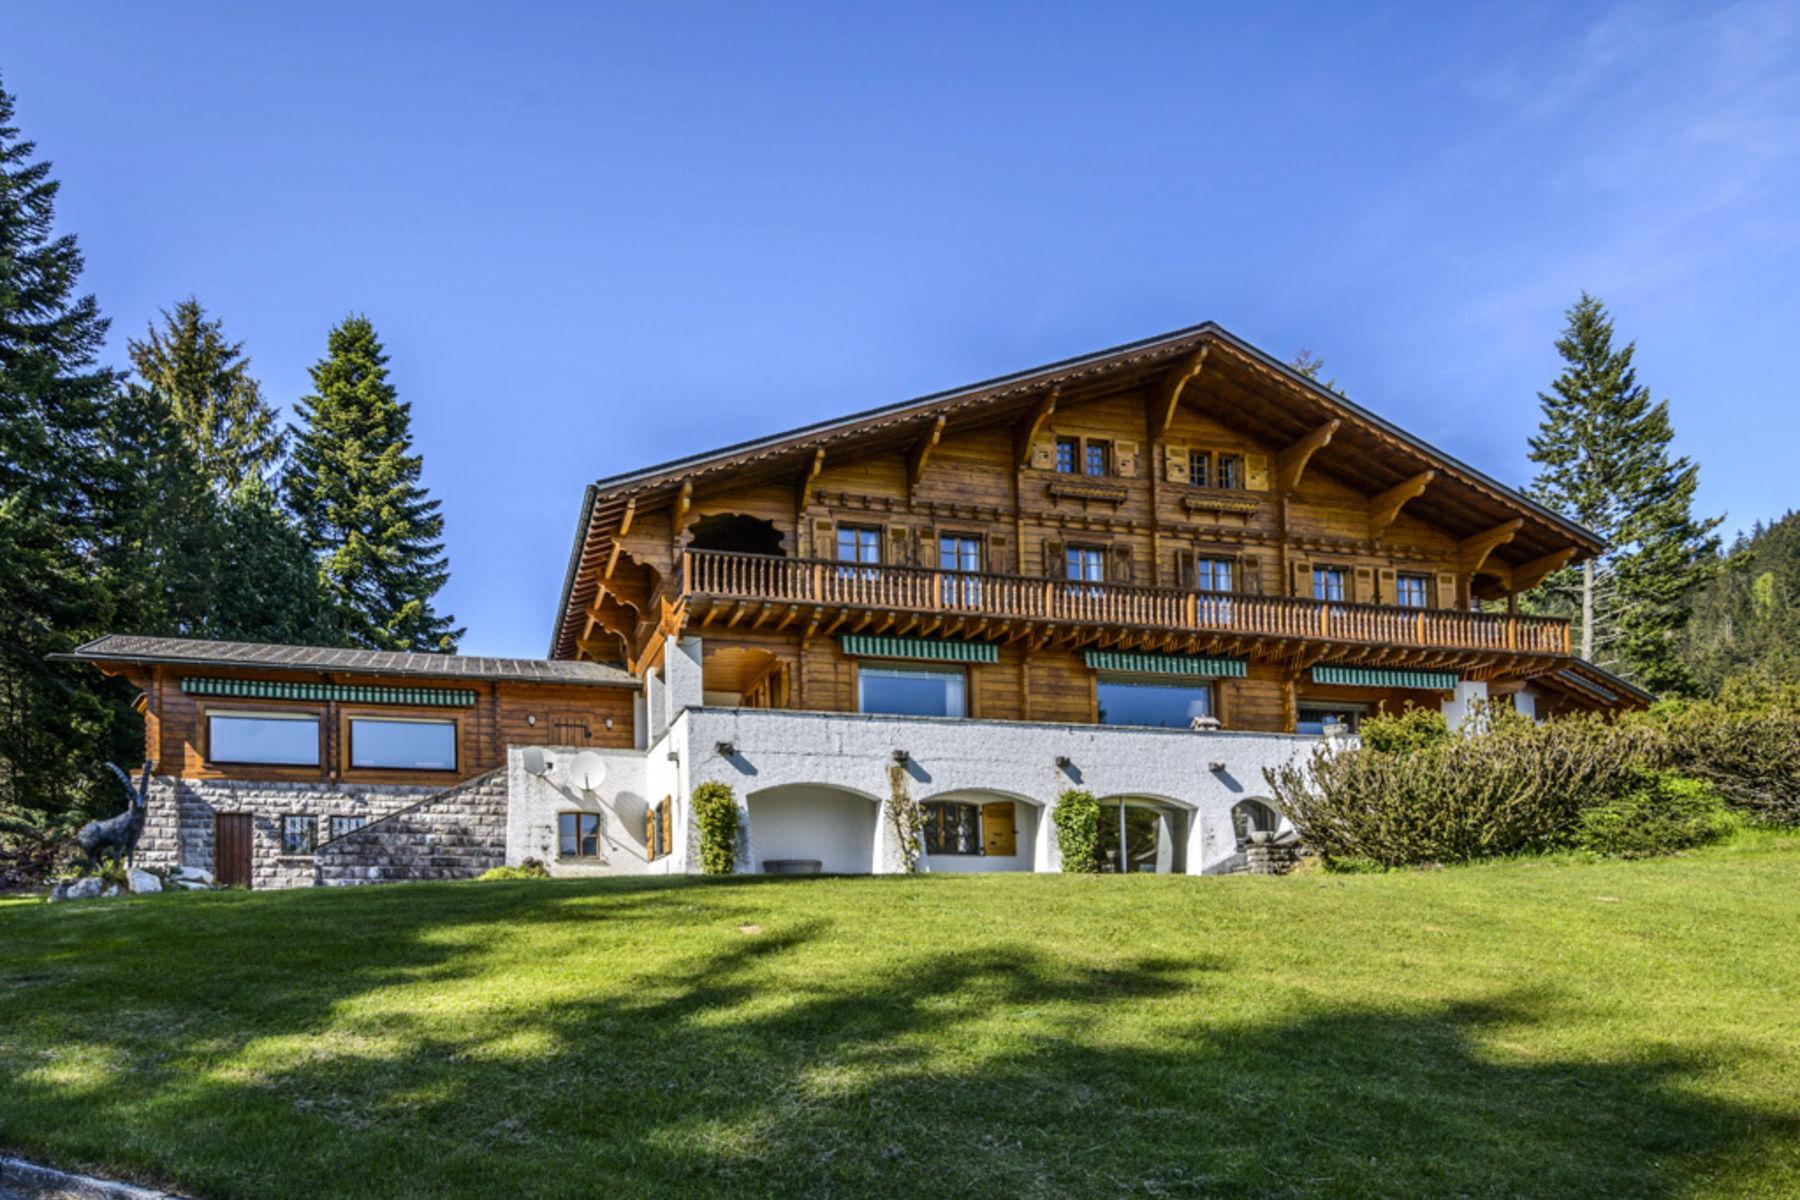 独户住宅 为 销售 在 Luxury character-filled chalet situated in the heart of green grounds Villars-sur-Ollon 威拉尔, 沃州, 1884 瑞士